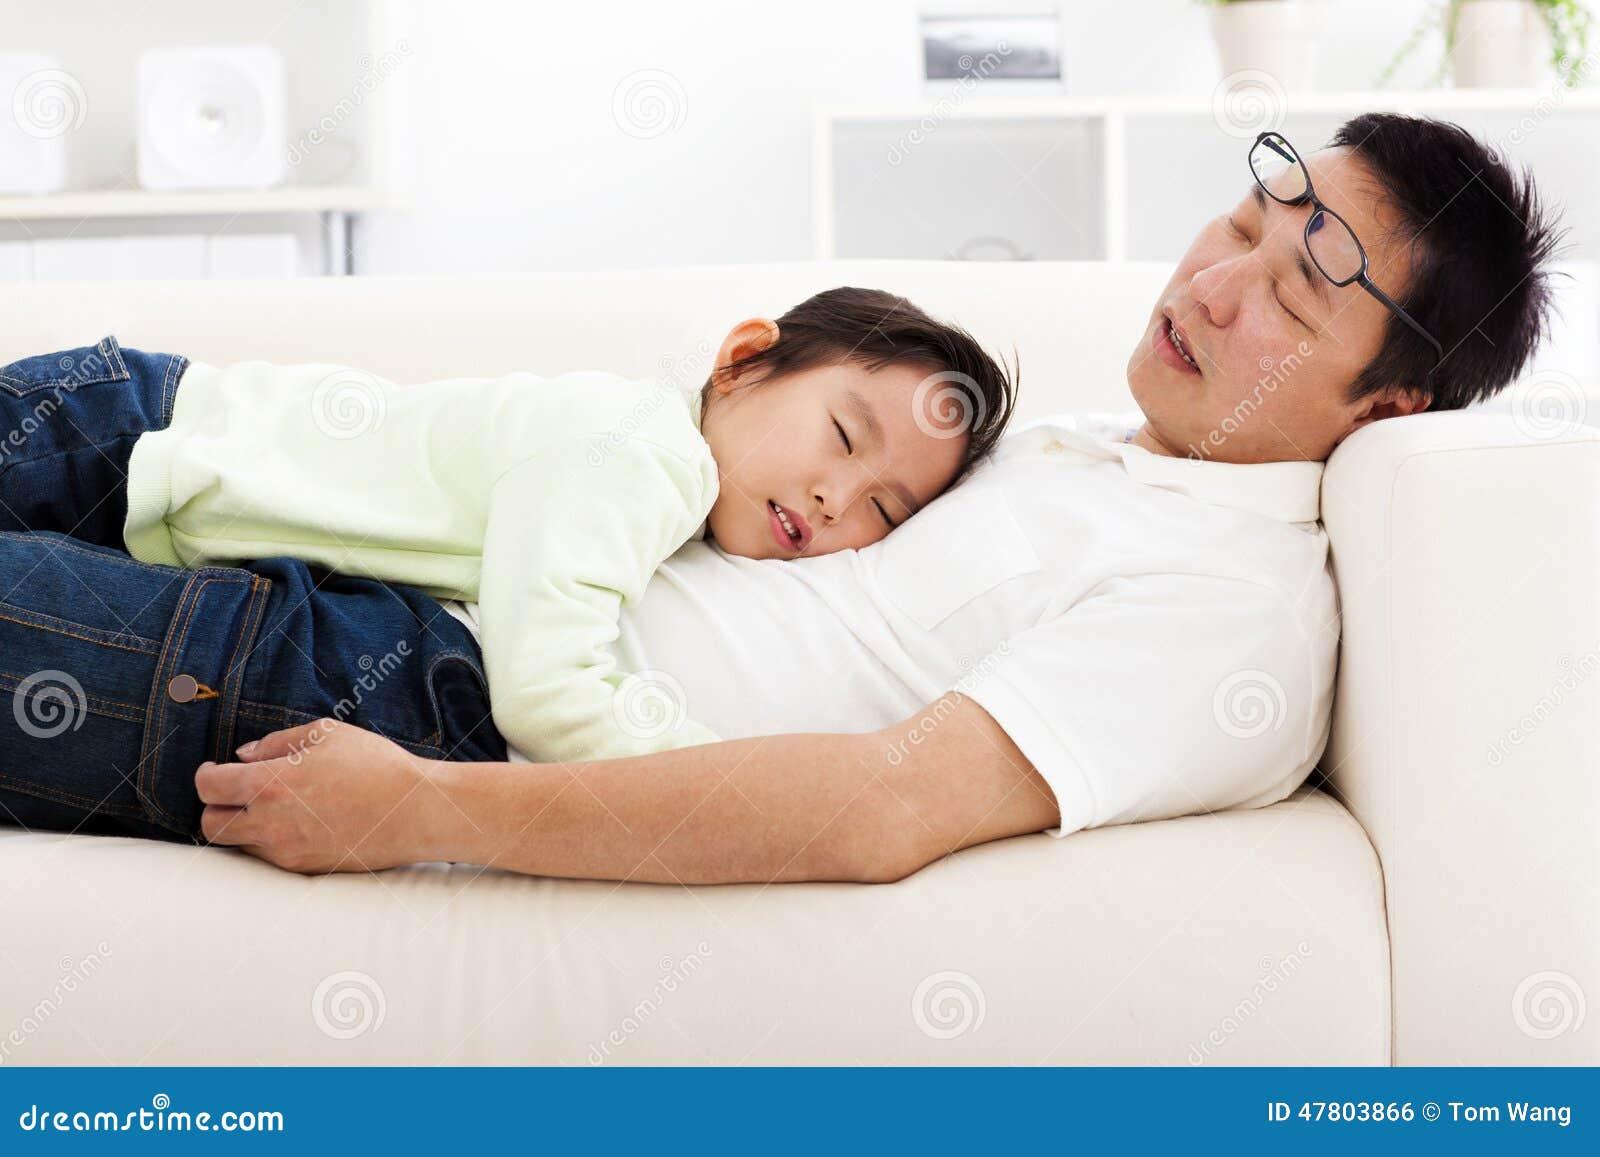 vater und tochter die auf dem sofa schlafen stockfoto bild von ruhig zuhause 47803866. Black Bedroom Furniture Sets. Home Design Ideas